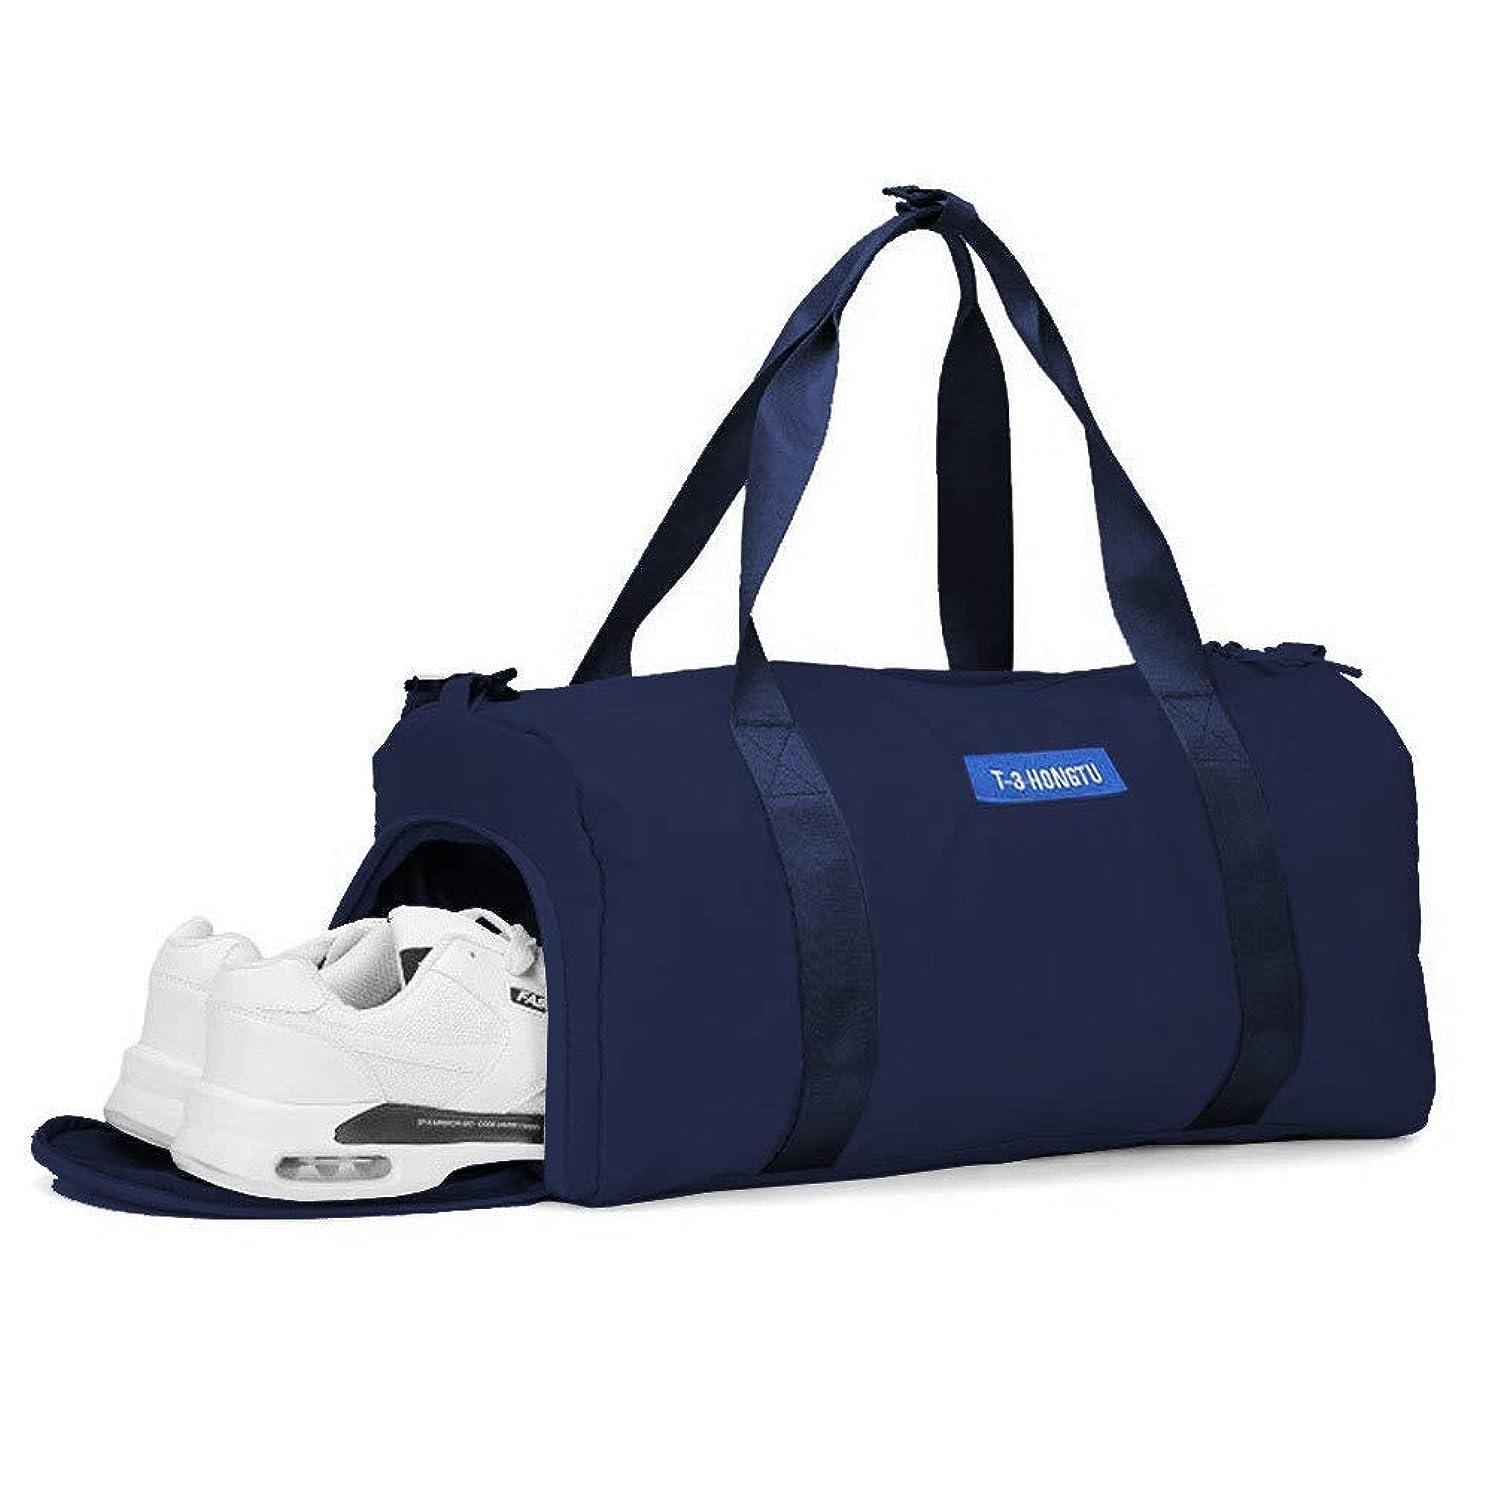 すぐに以前はクローゼット[Surmonter] スポーツバッグ シューズ収納 ジムバッグ 防水 Wet Pouch付